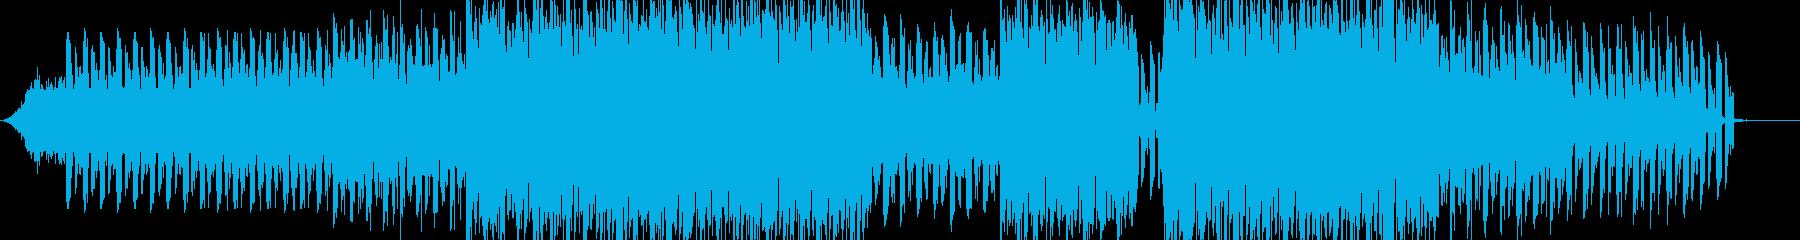 映画音楽、荘厳重厚、映像向け-22の再生済みの波形